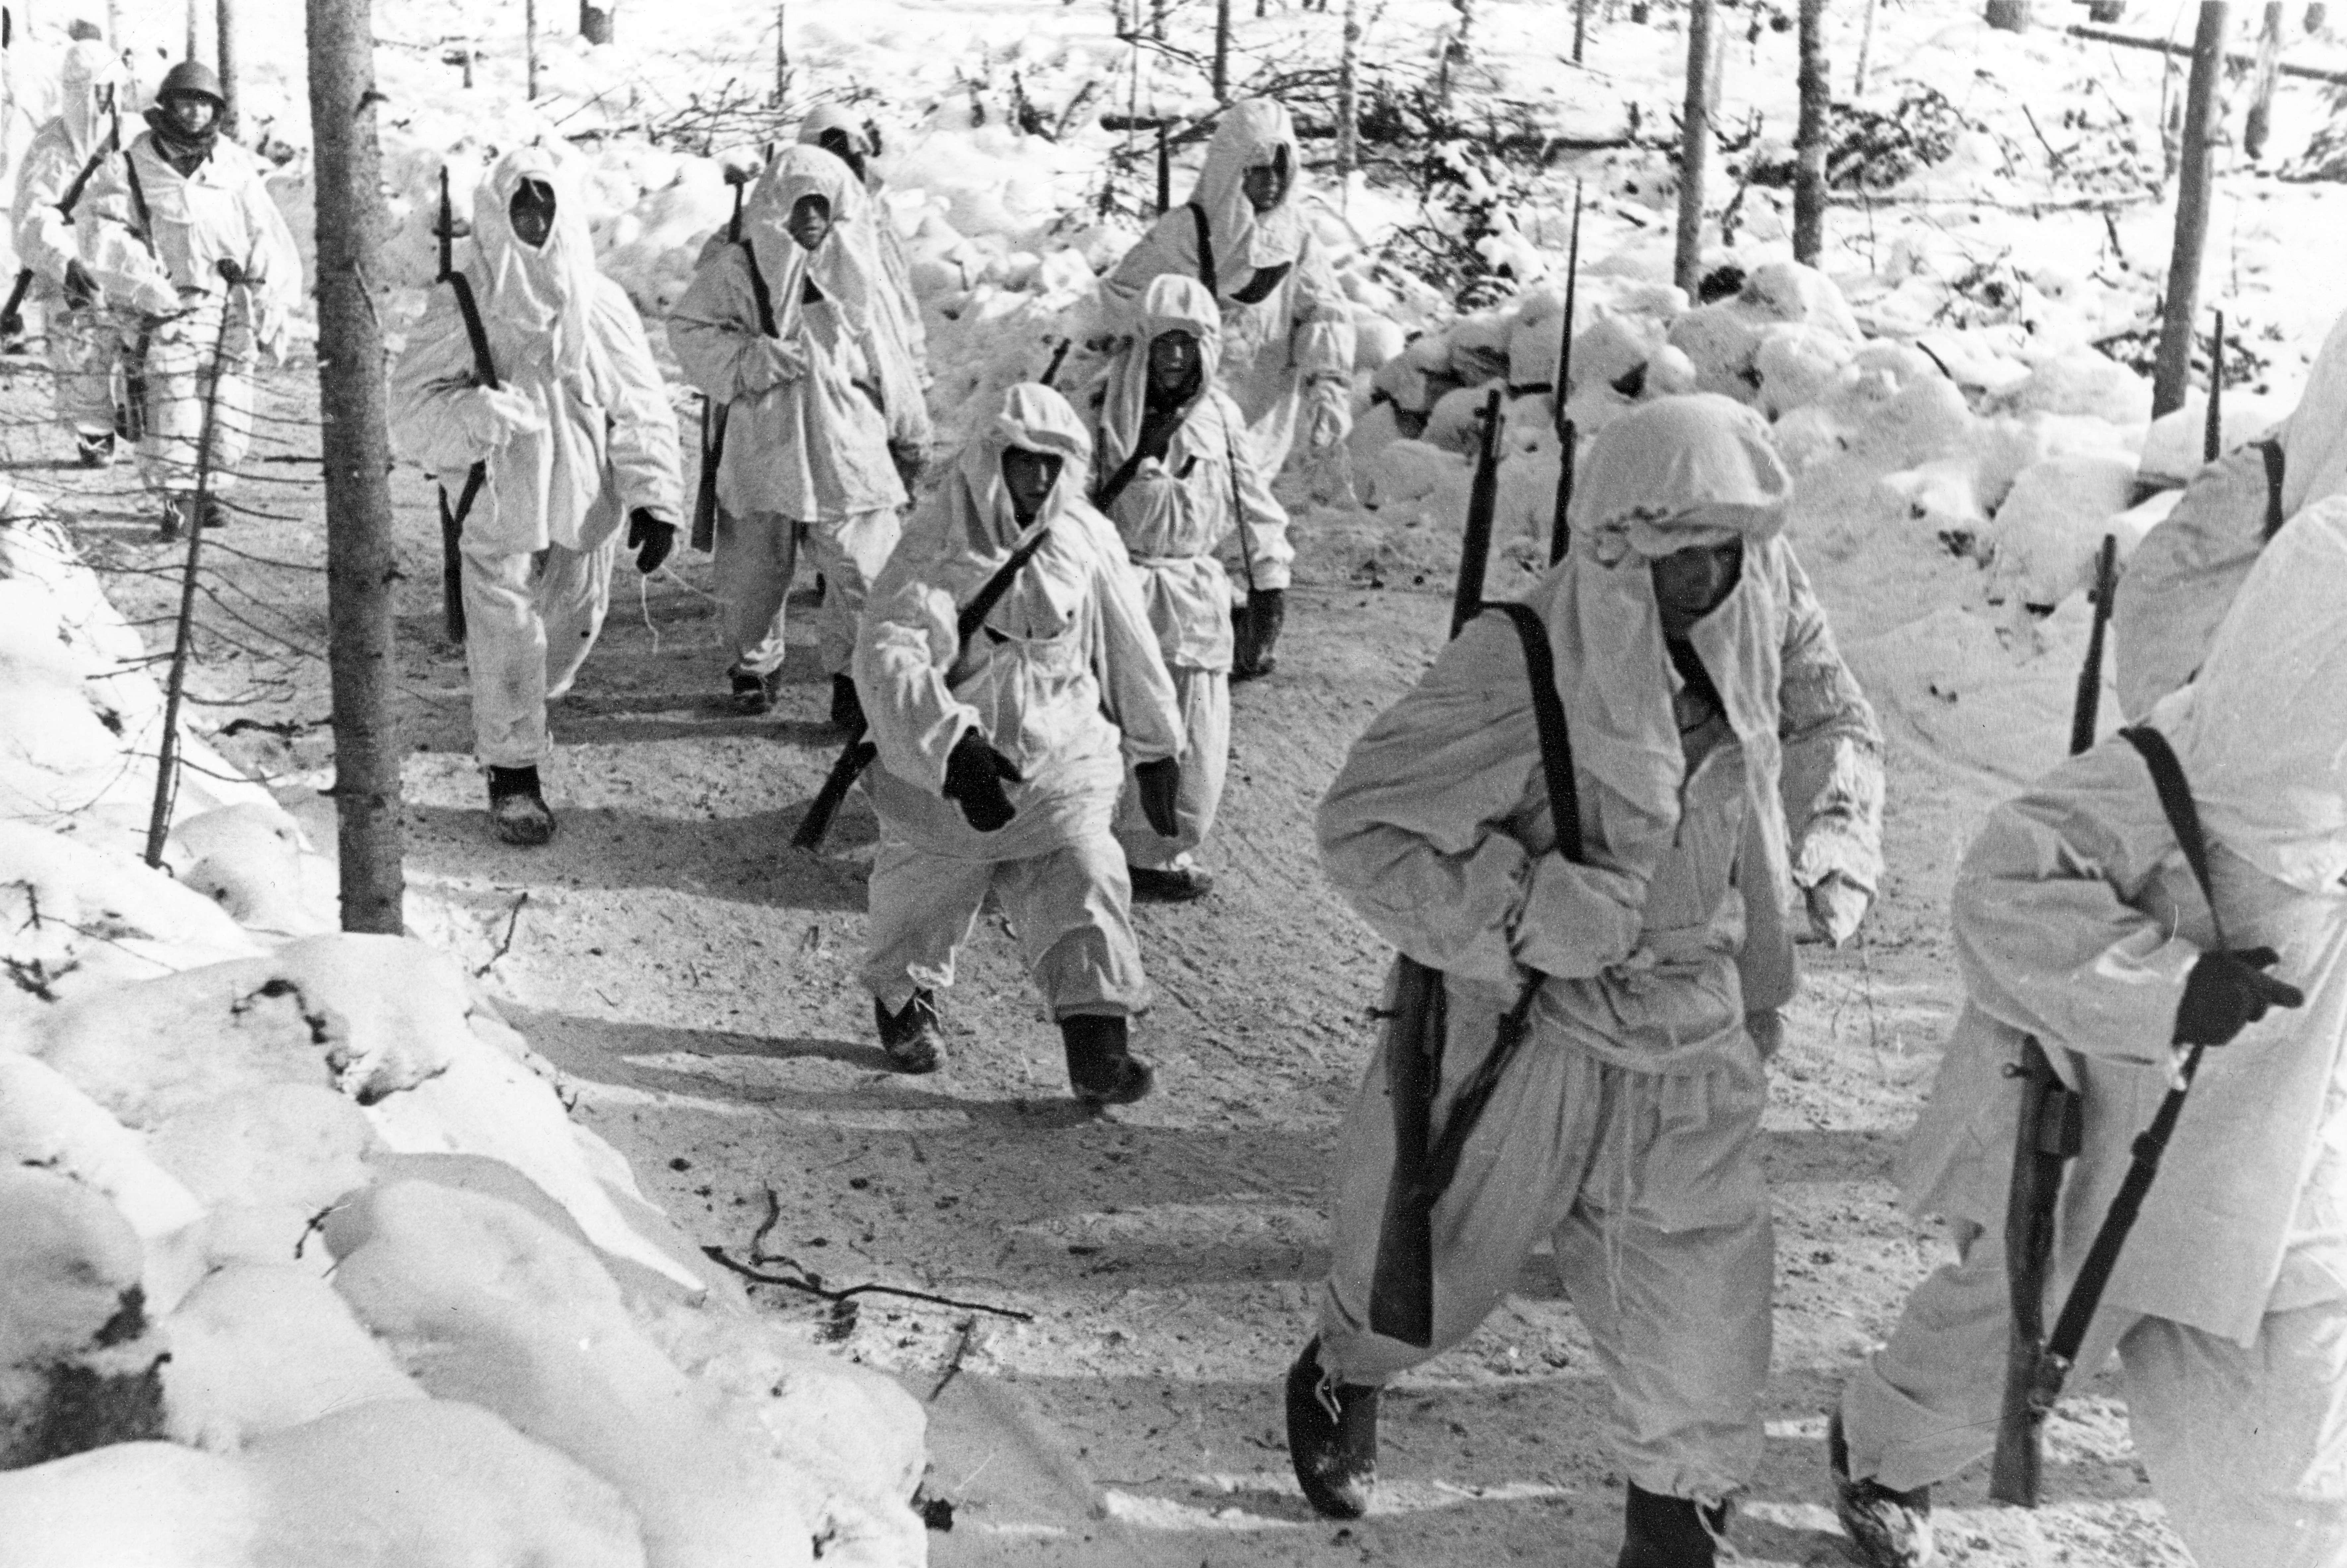 солдата в зимних масхалатах